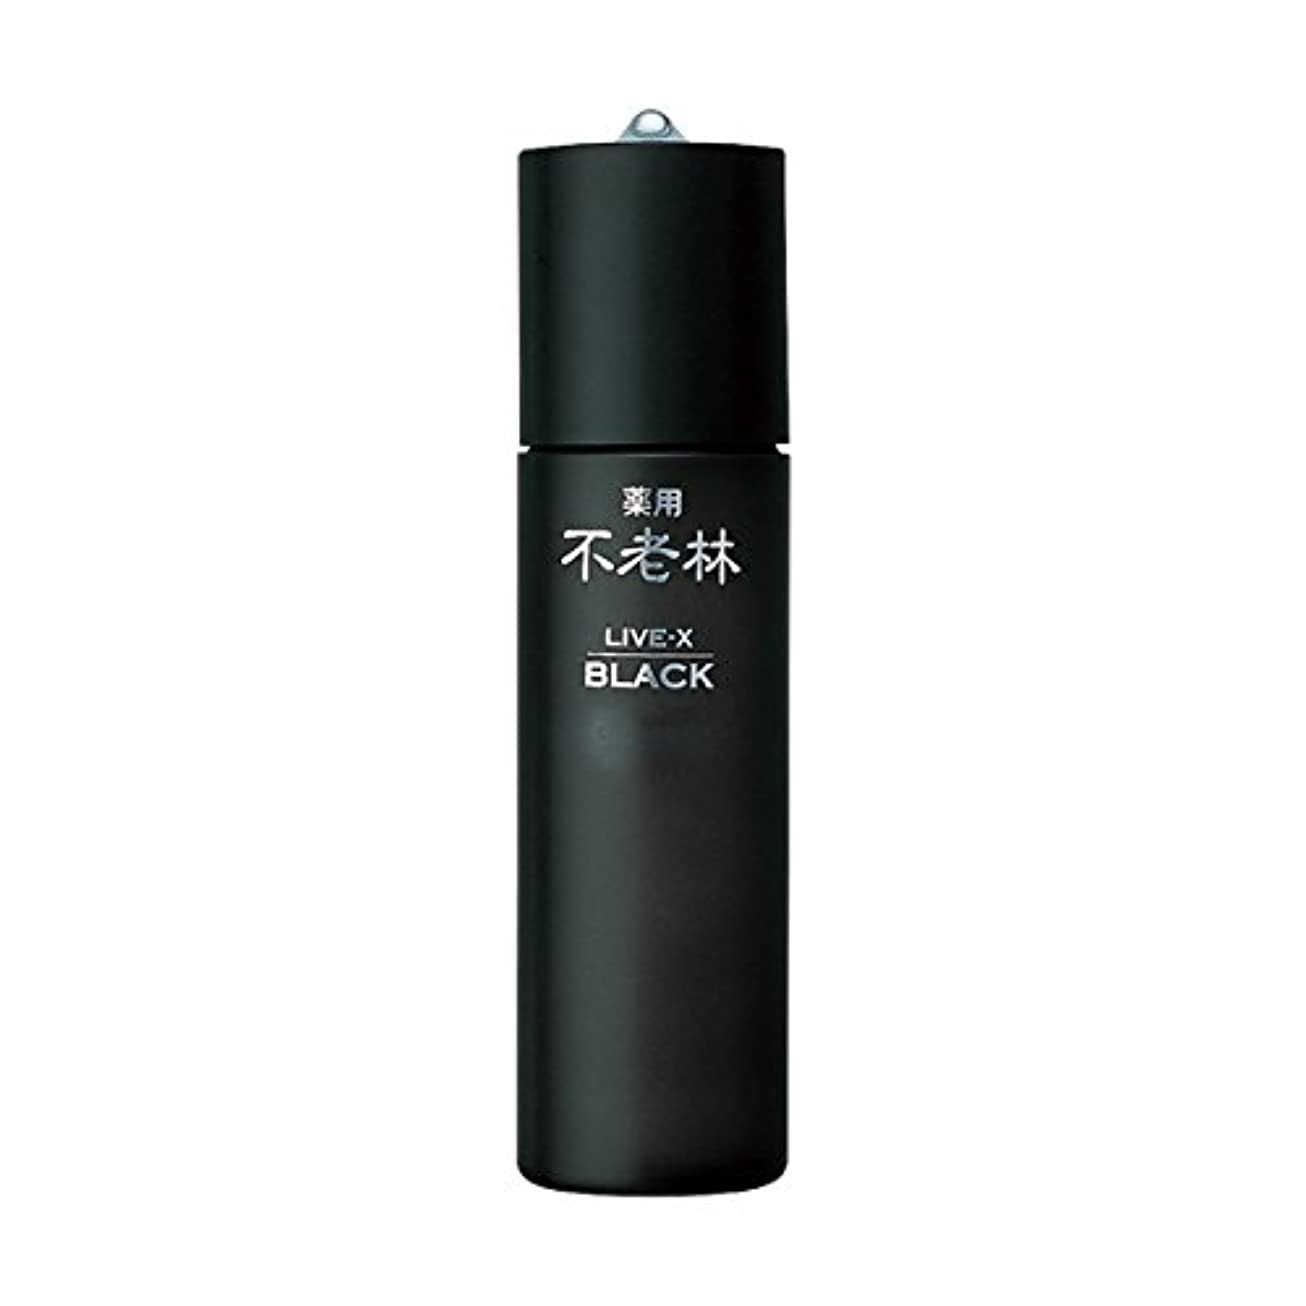 平方バッフル時不老林 ライブXブラック 頭皮用育毛料 200mL 【医薬部外品】